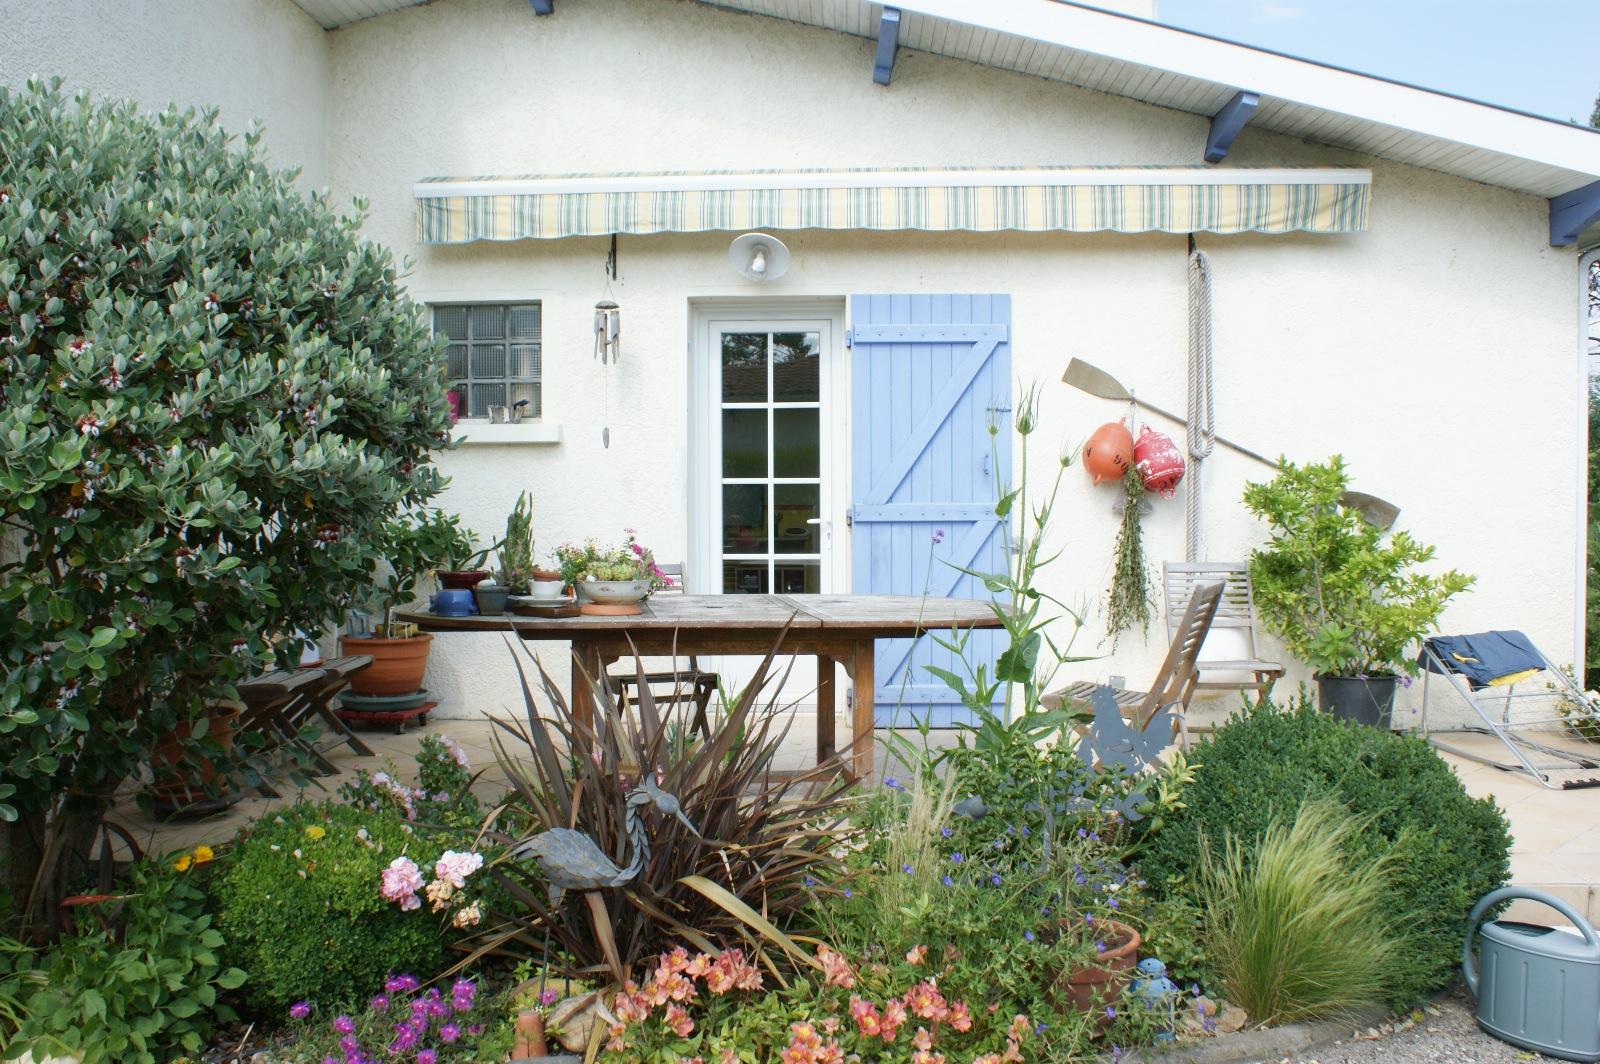 location maison de ville gujan mestras 33470 passion immo d co. Black Bedroom Furniture Sets. Home Design Ideas